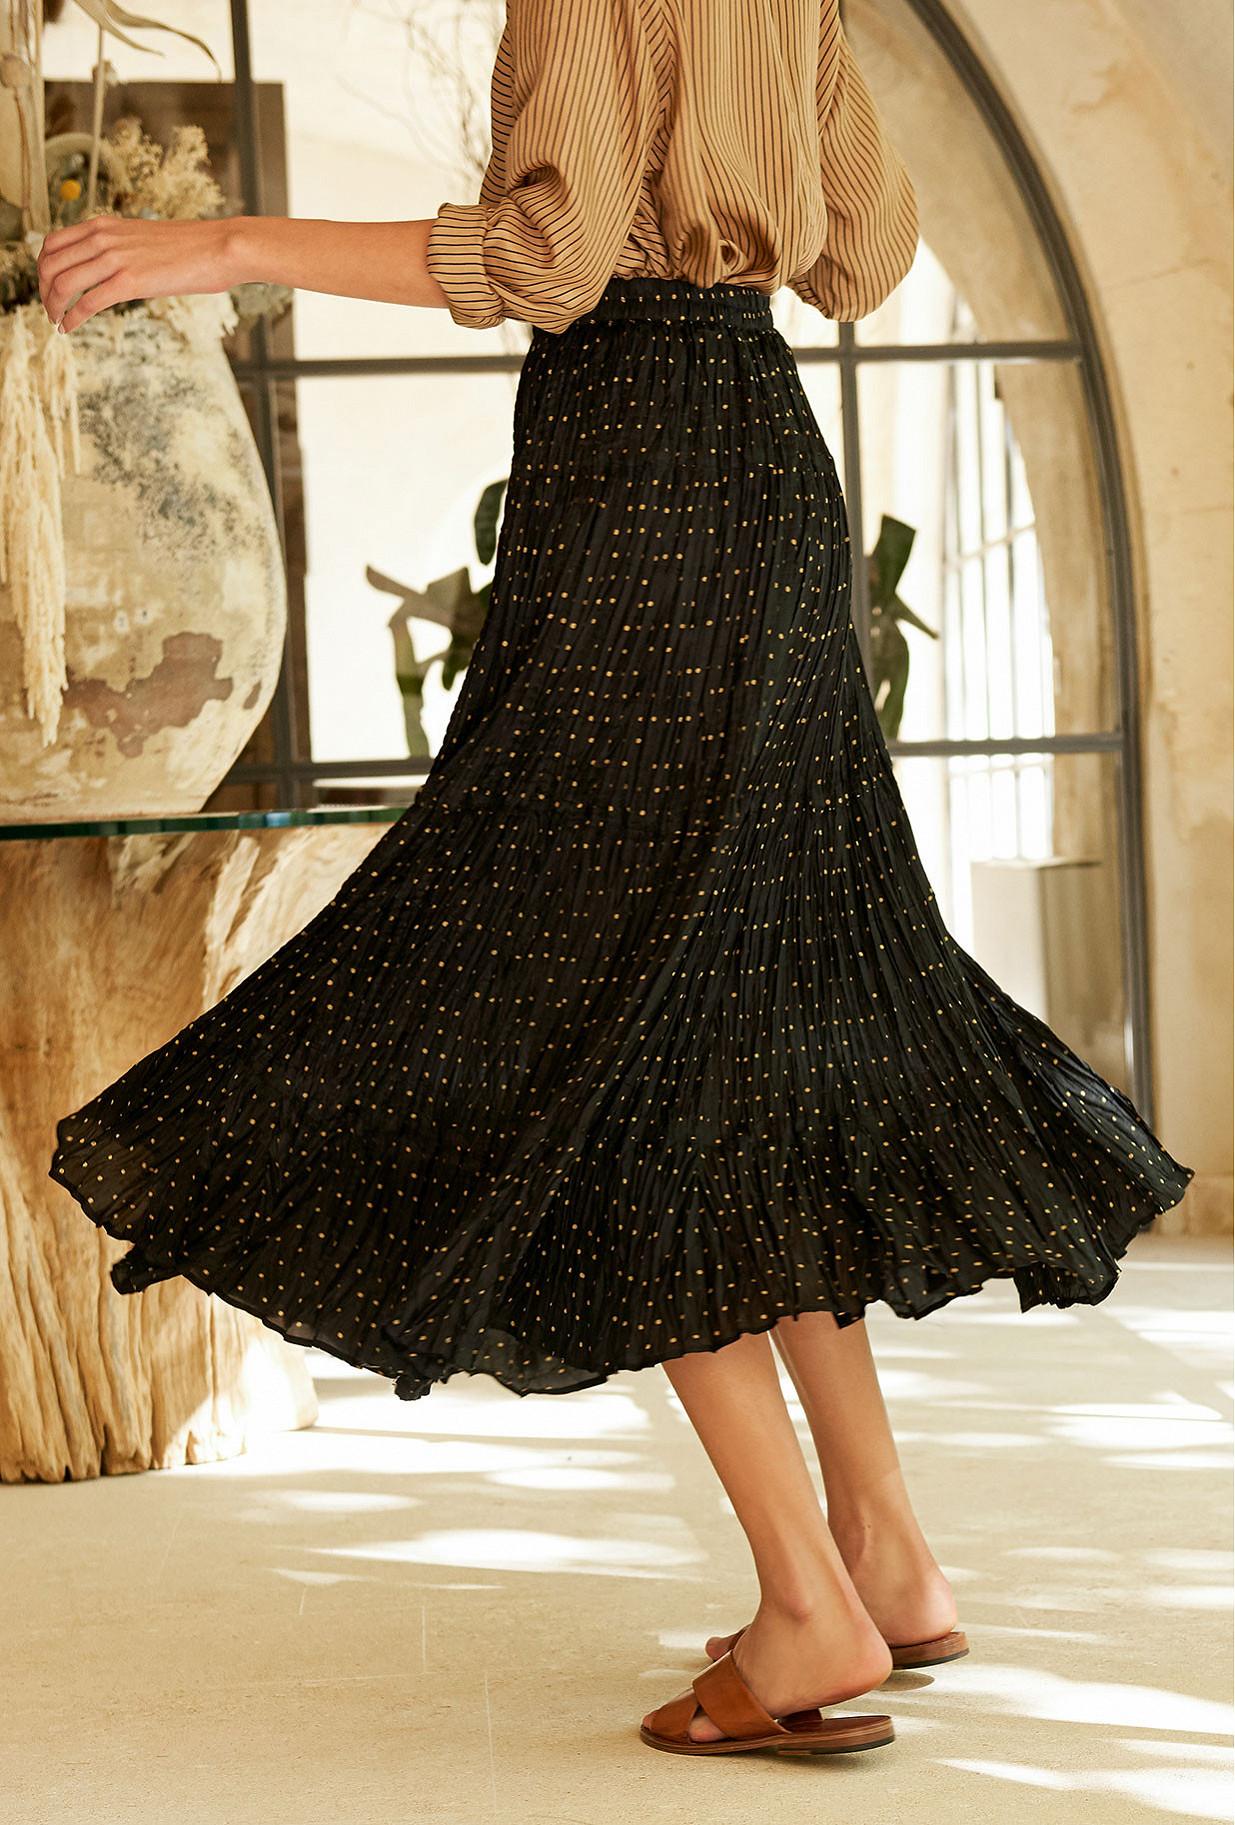 Jupe Noir  Bronislava mes demoiselles paris vêtement femme paris